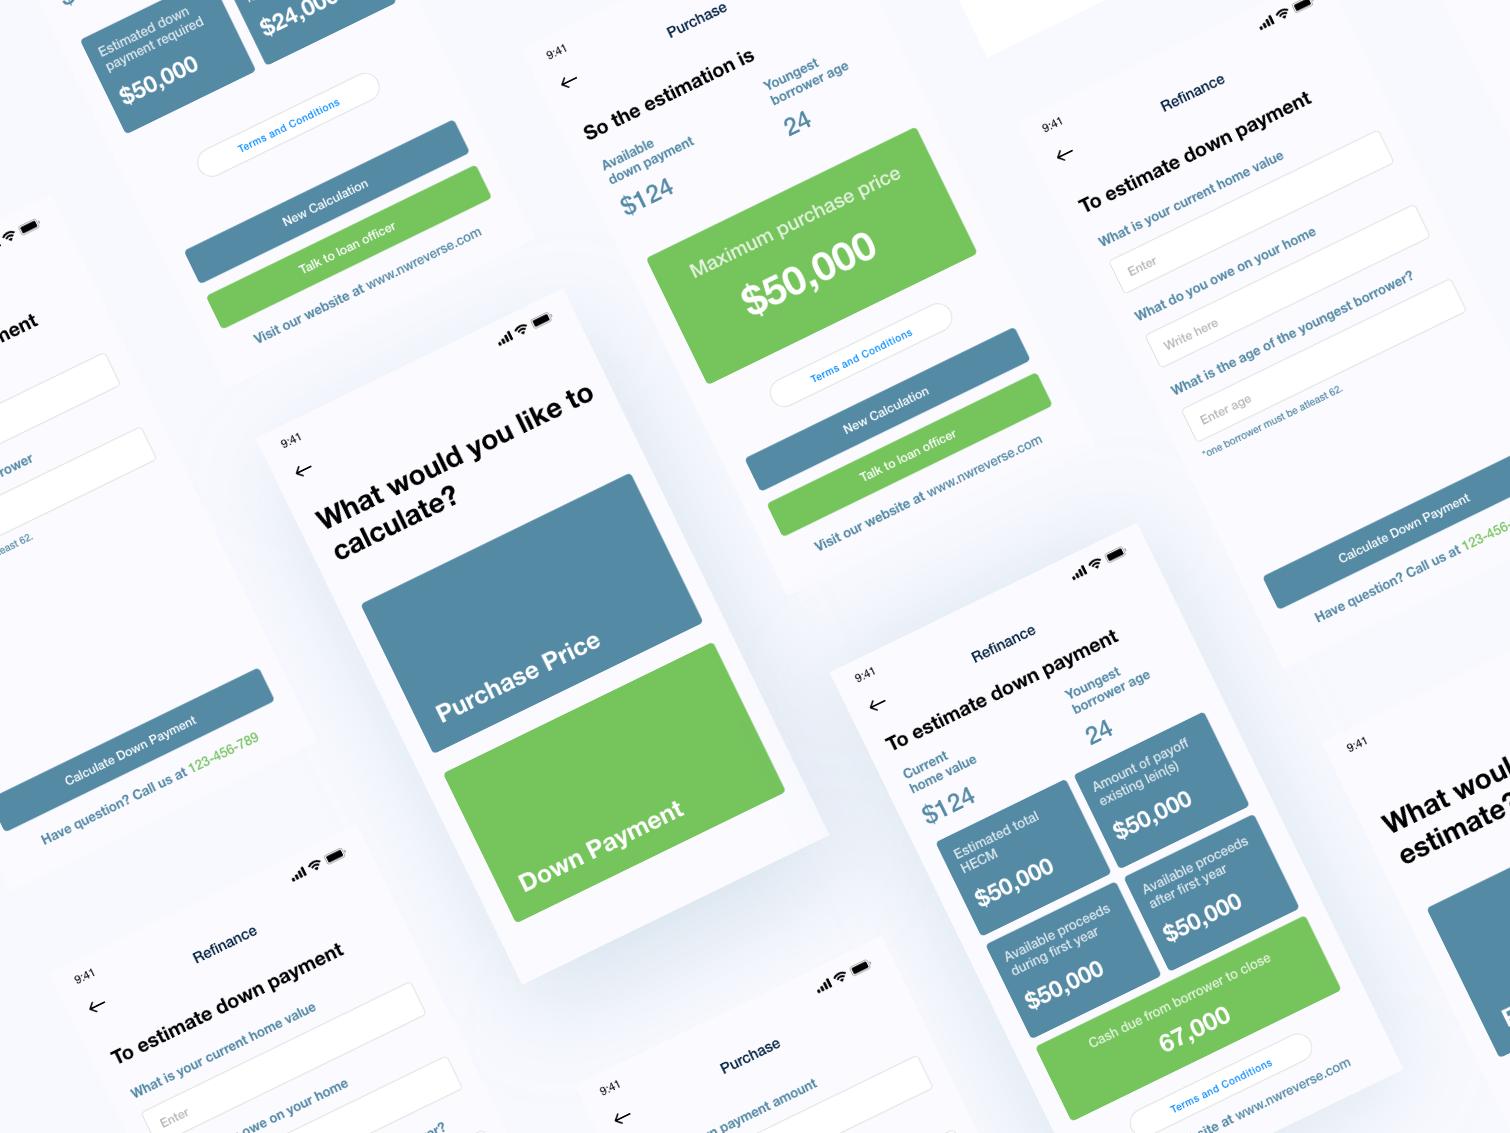 金融类app 基础UI组件模板 .xd素材下载